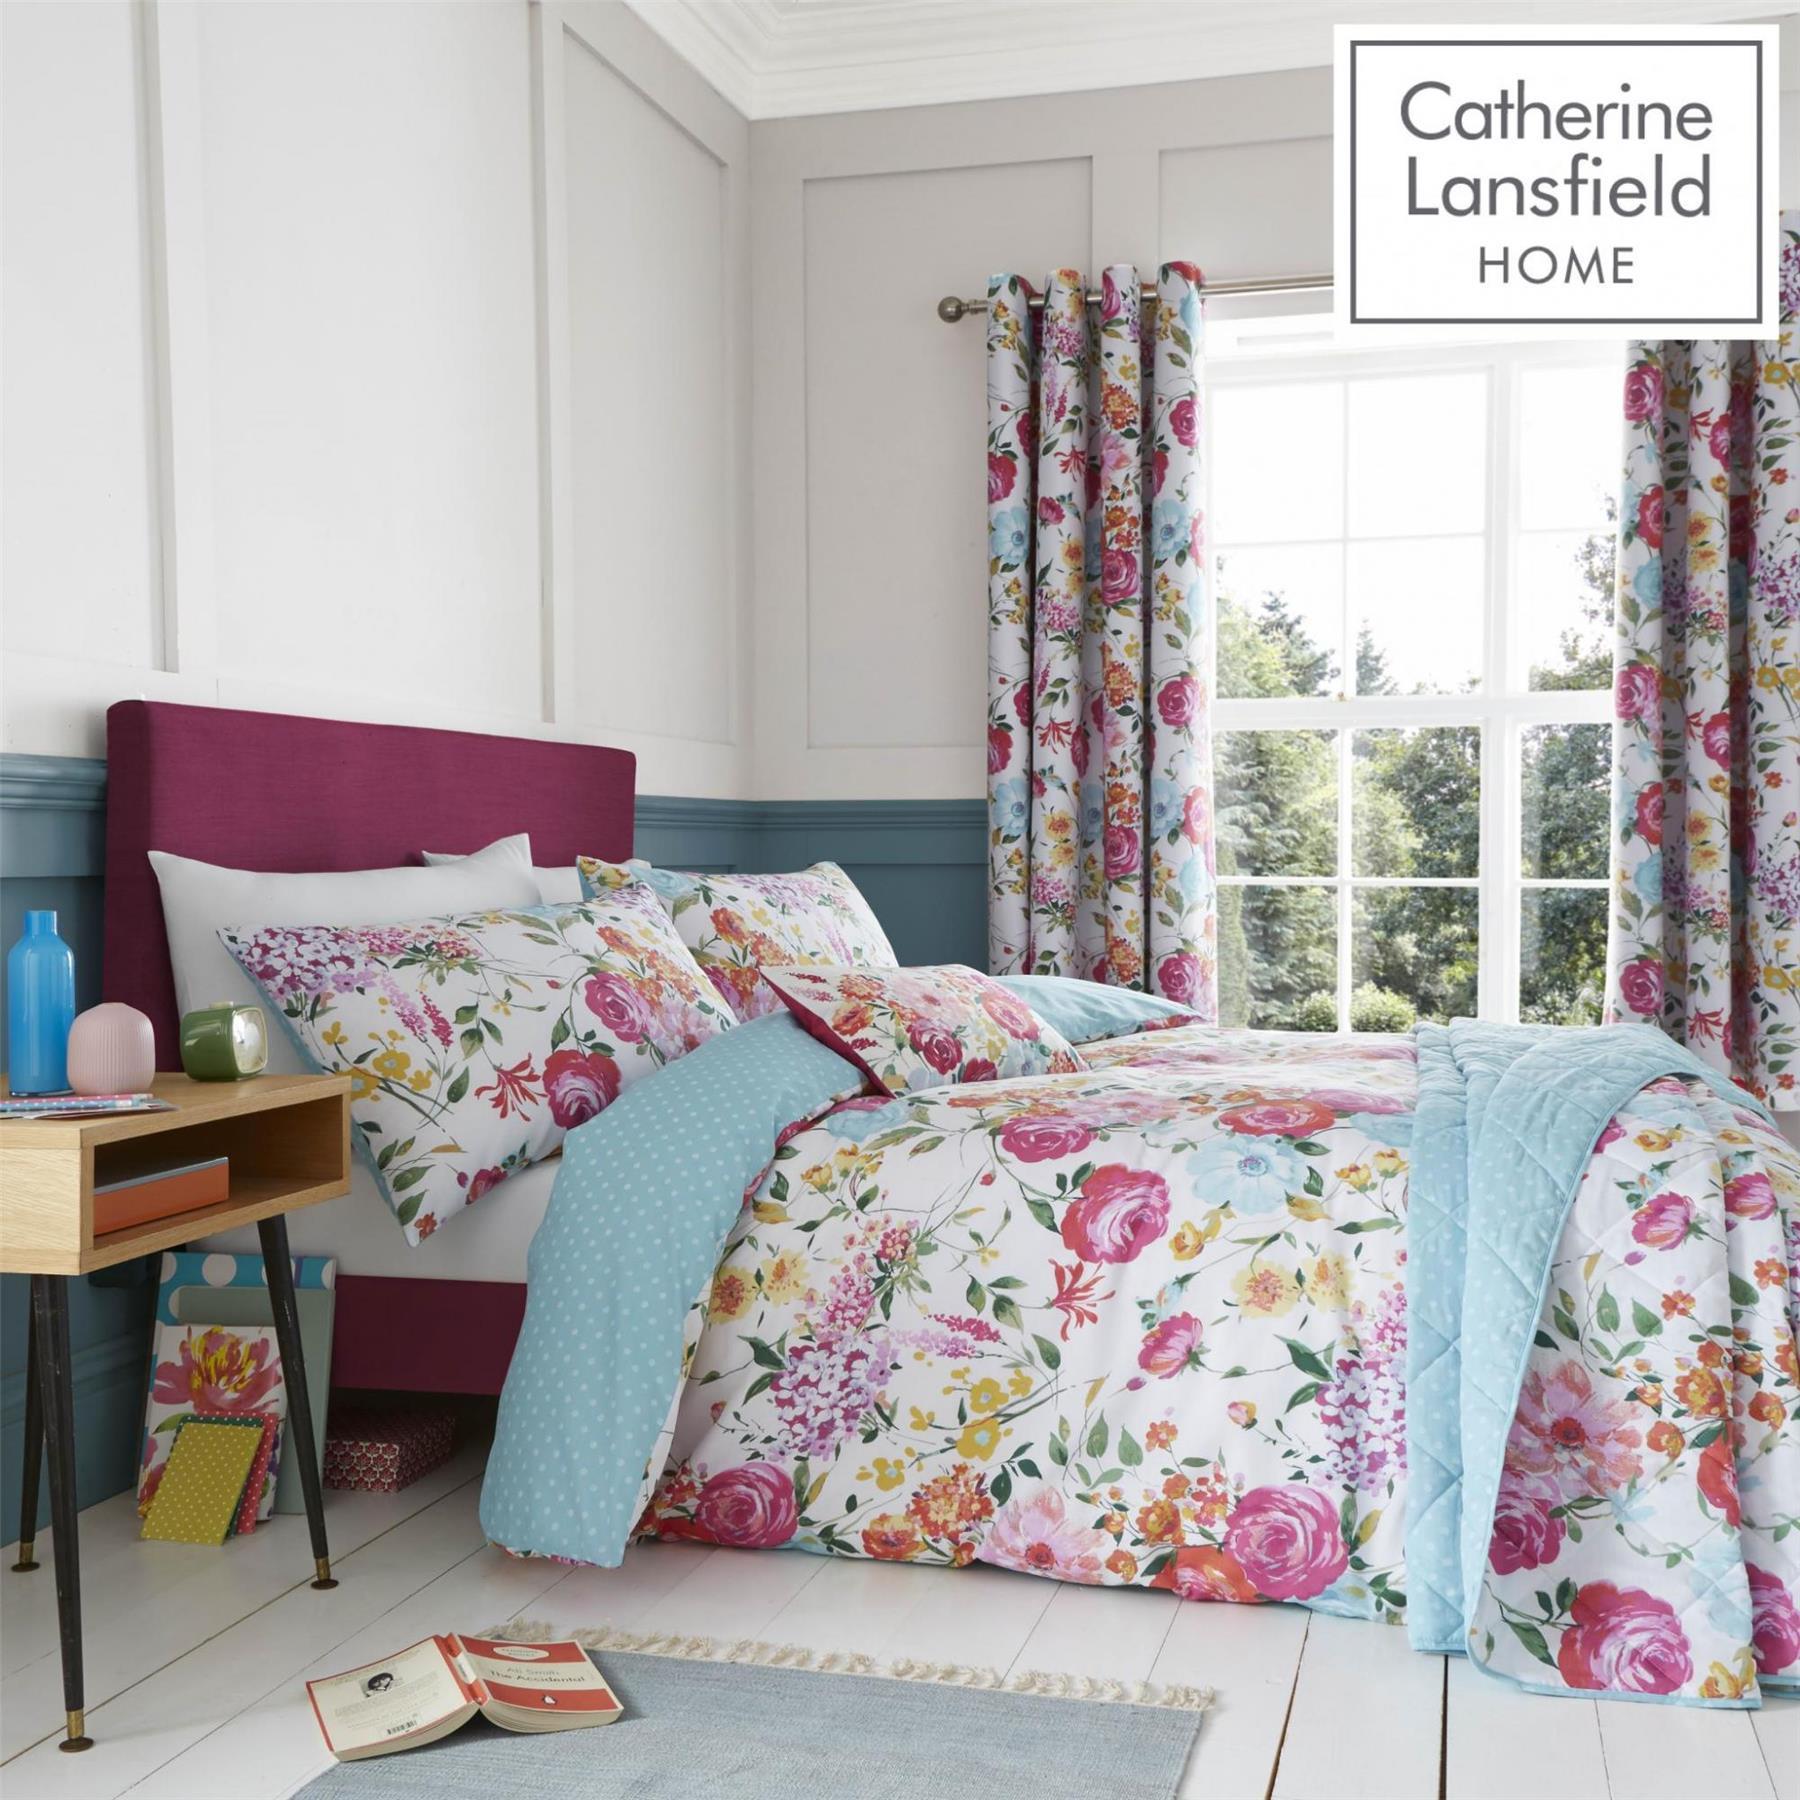 Catherine-Lansfield-biancheria-da-letto-Salisbury-Copripiumino-Set-Tende-Cuscino-Copriletto miniatura 45